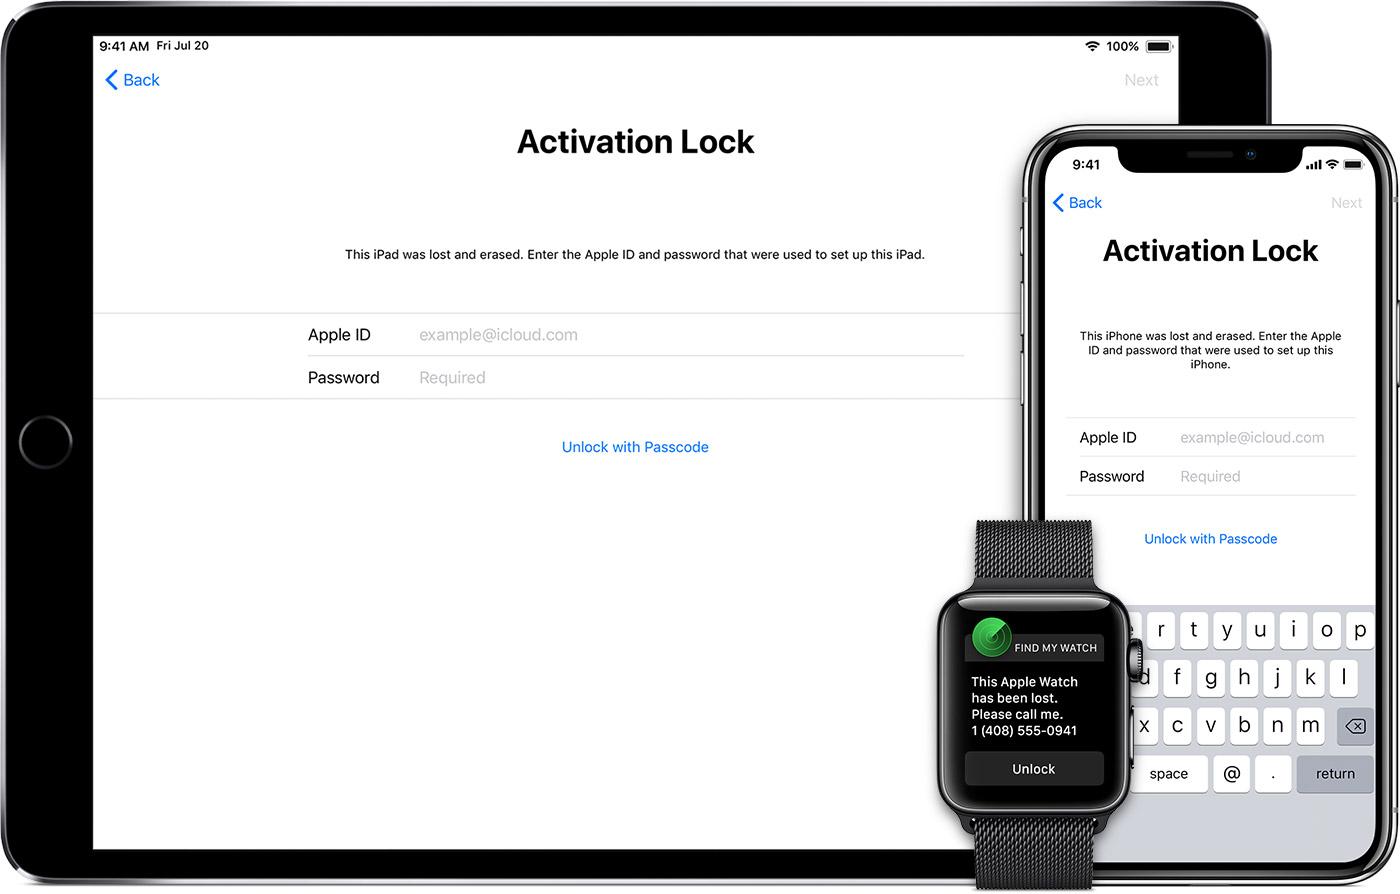 Apple tworzy inteligentny lokalizator?